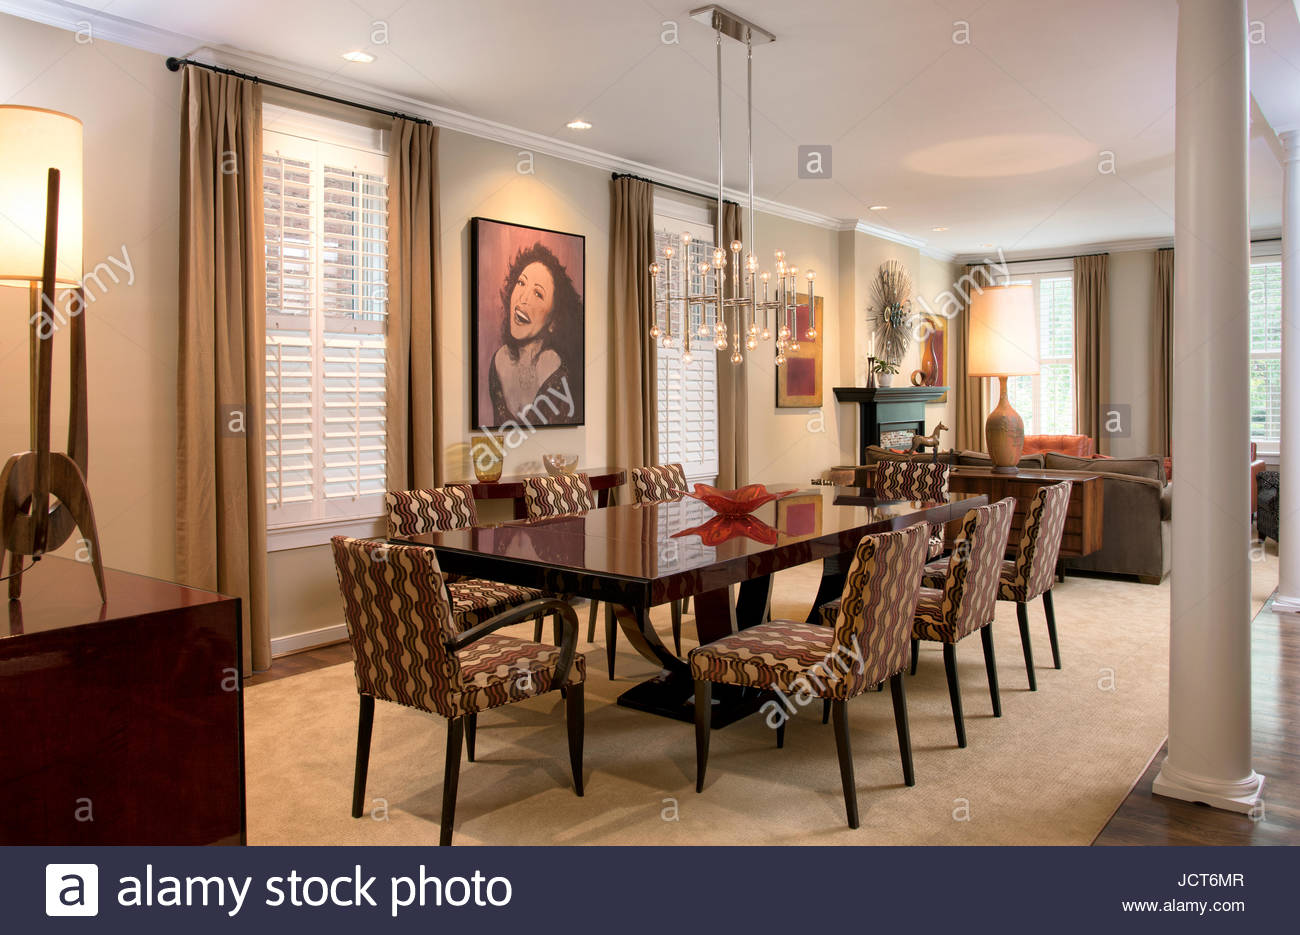 Im Modernen Speisesaal, Karl Springer Tisch, Jonathan Adler Kronleuchter,  Dakota Jackson Stühlen.